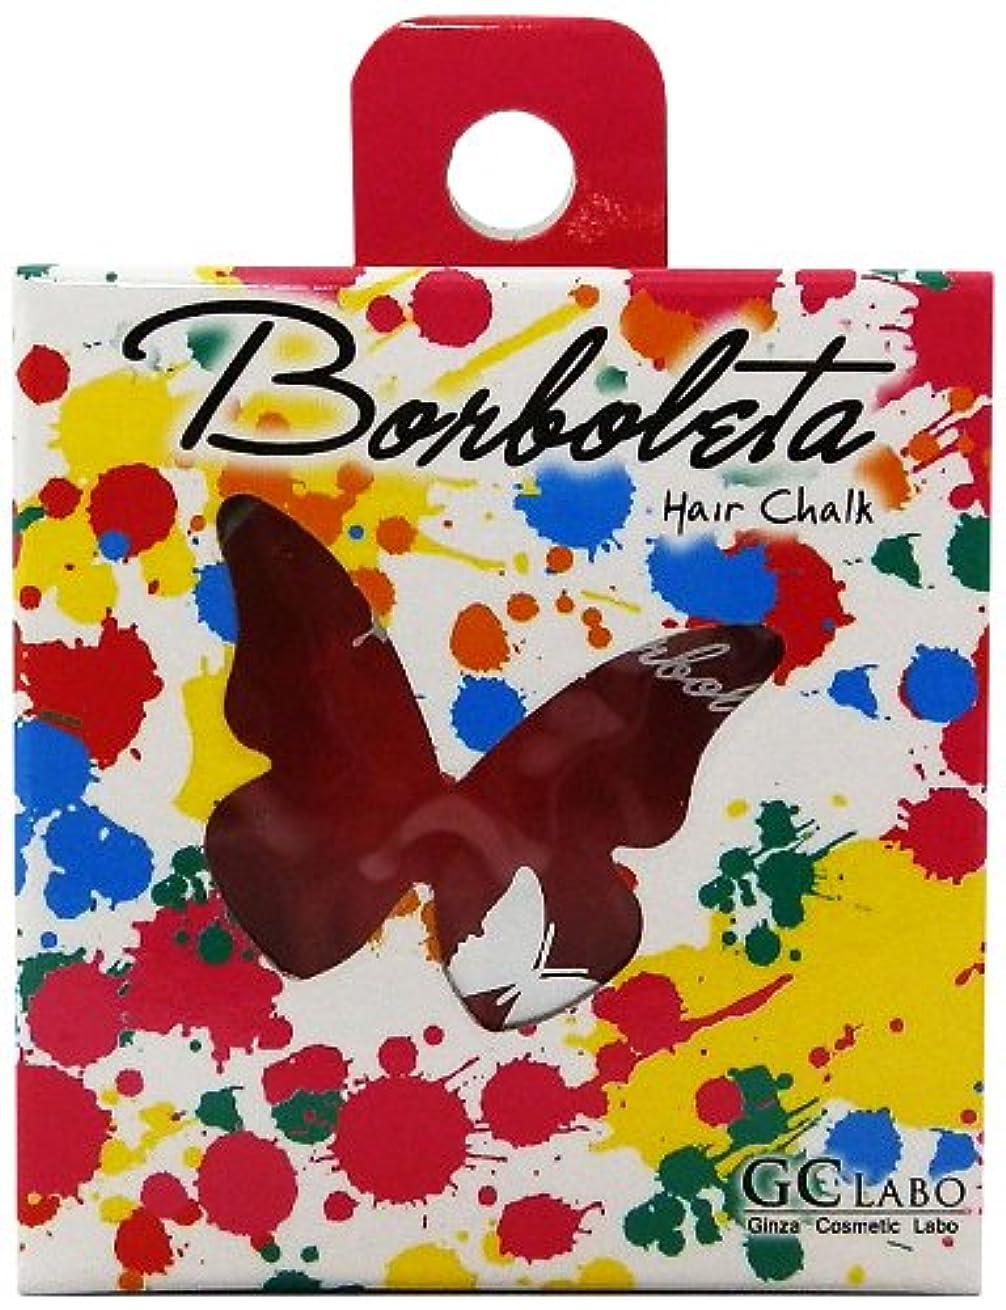 賞賛イデオロギー引き潮BorBoLeta(ボルボレッタ)ヘアカラーチョーク ピンク